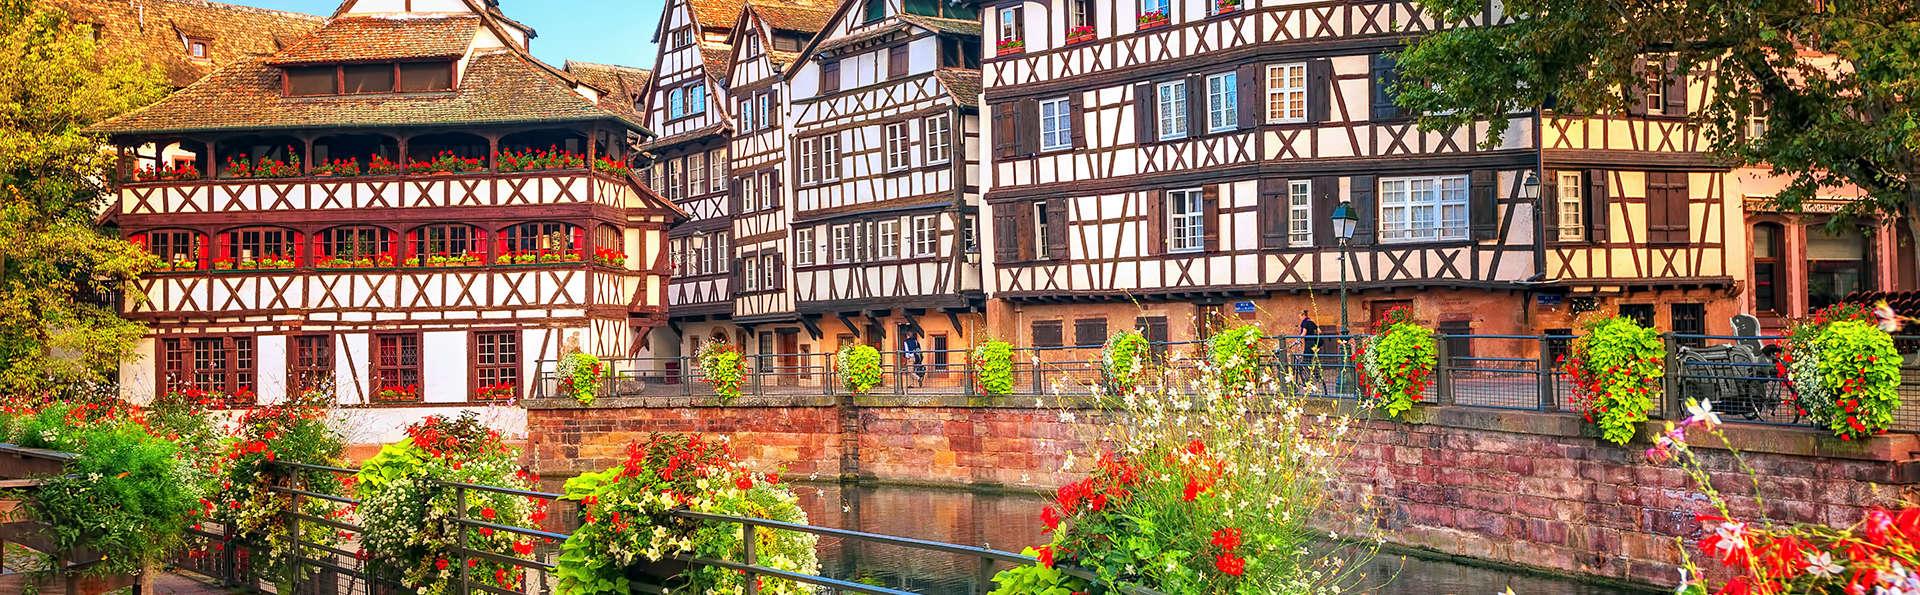 Pied-à-terre idéal au cœur de Strasbourg